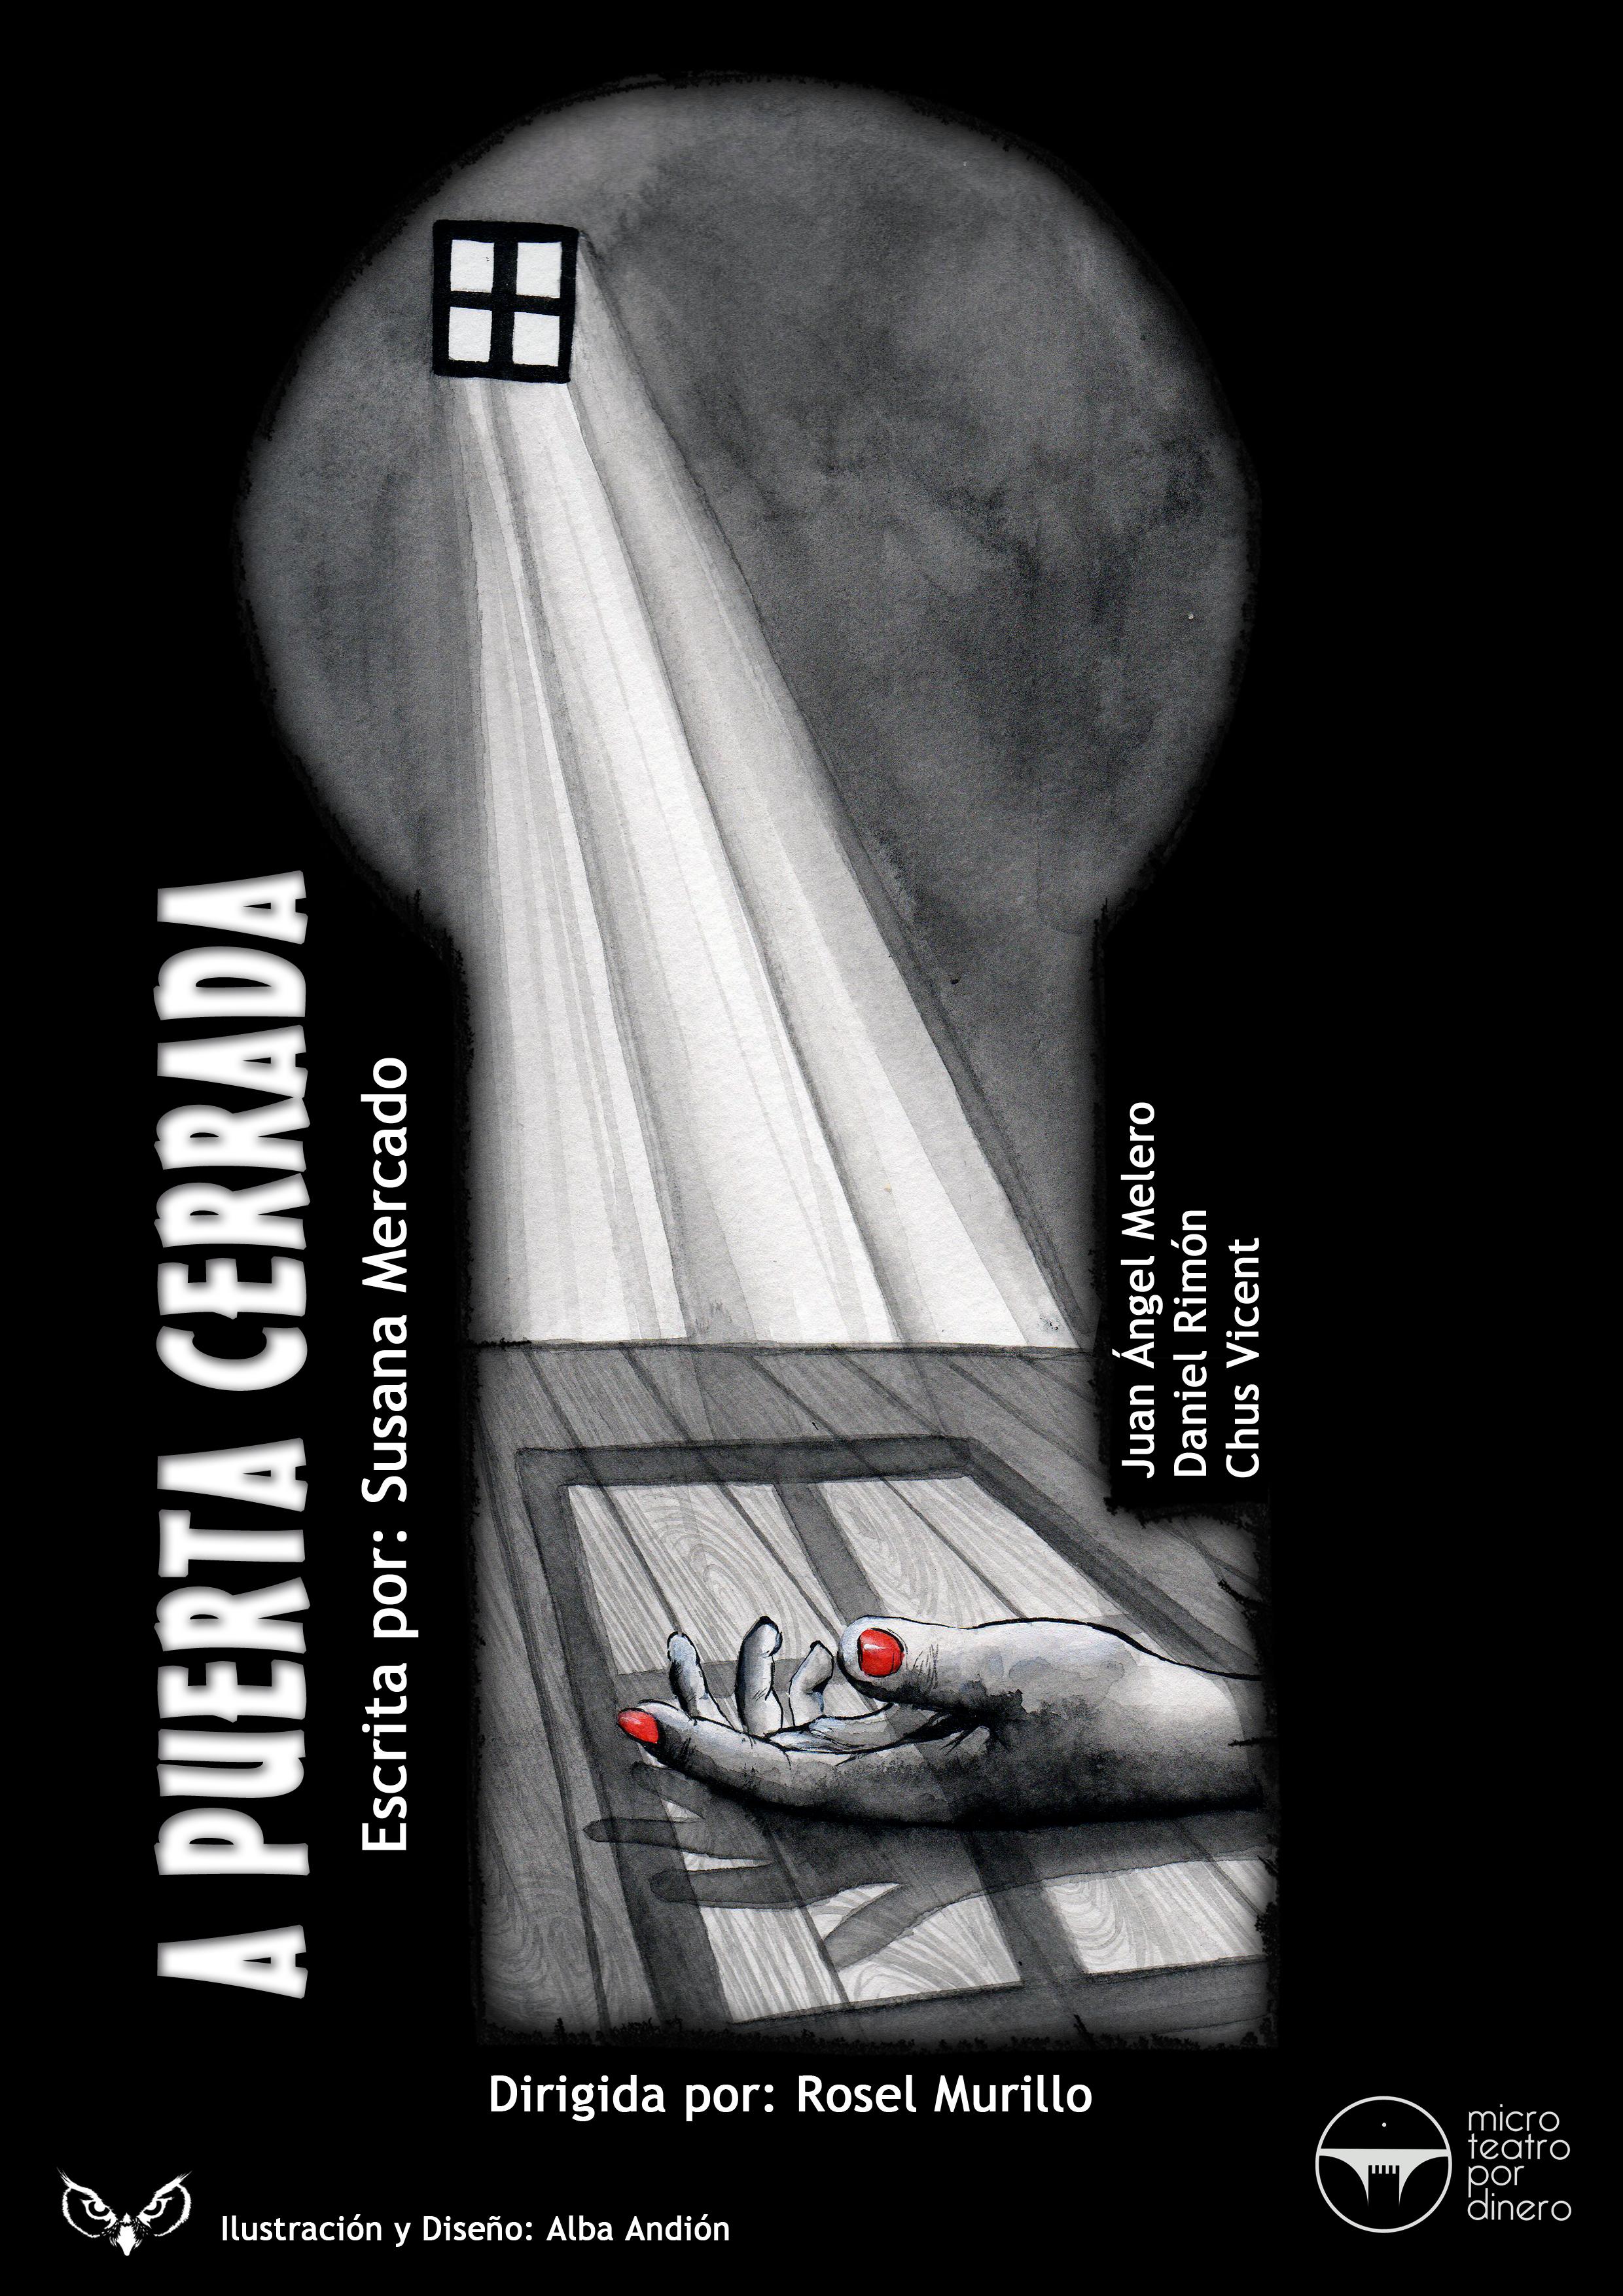 CARTEL-A-PUERTA-CERRADA